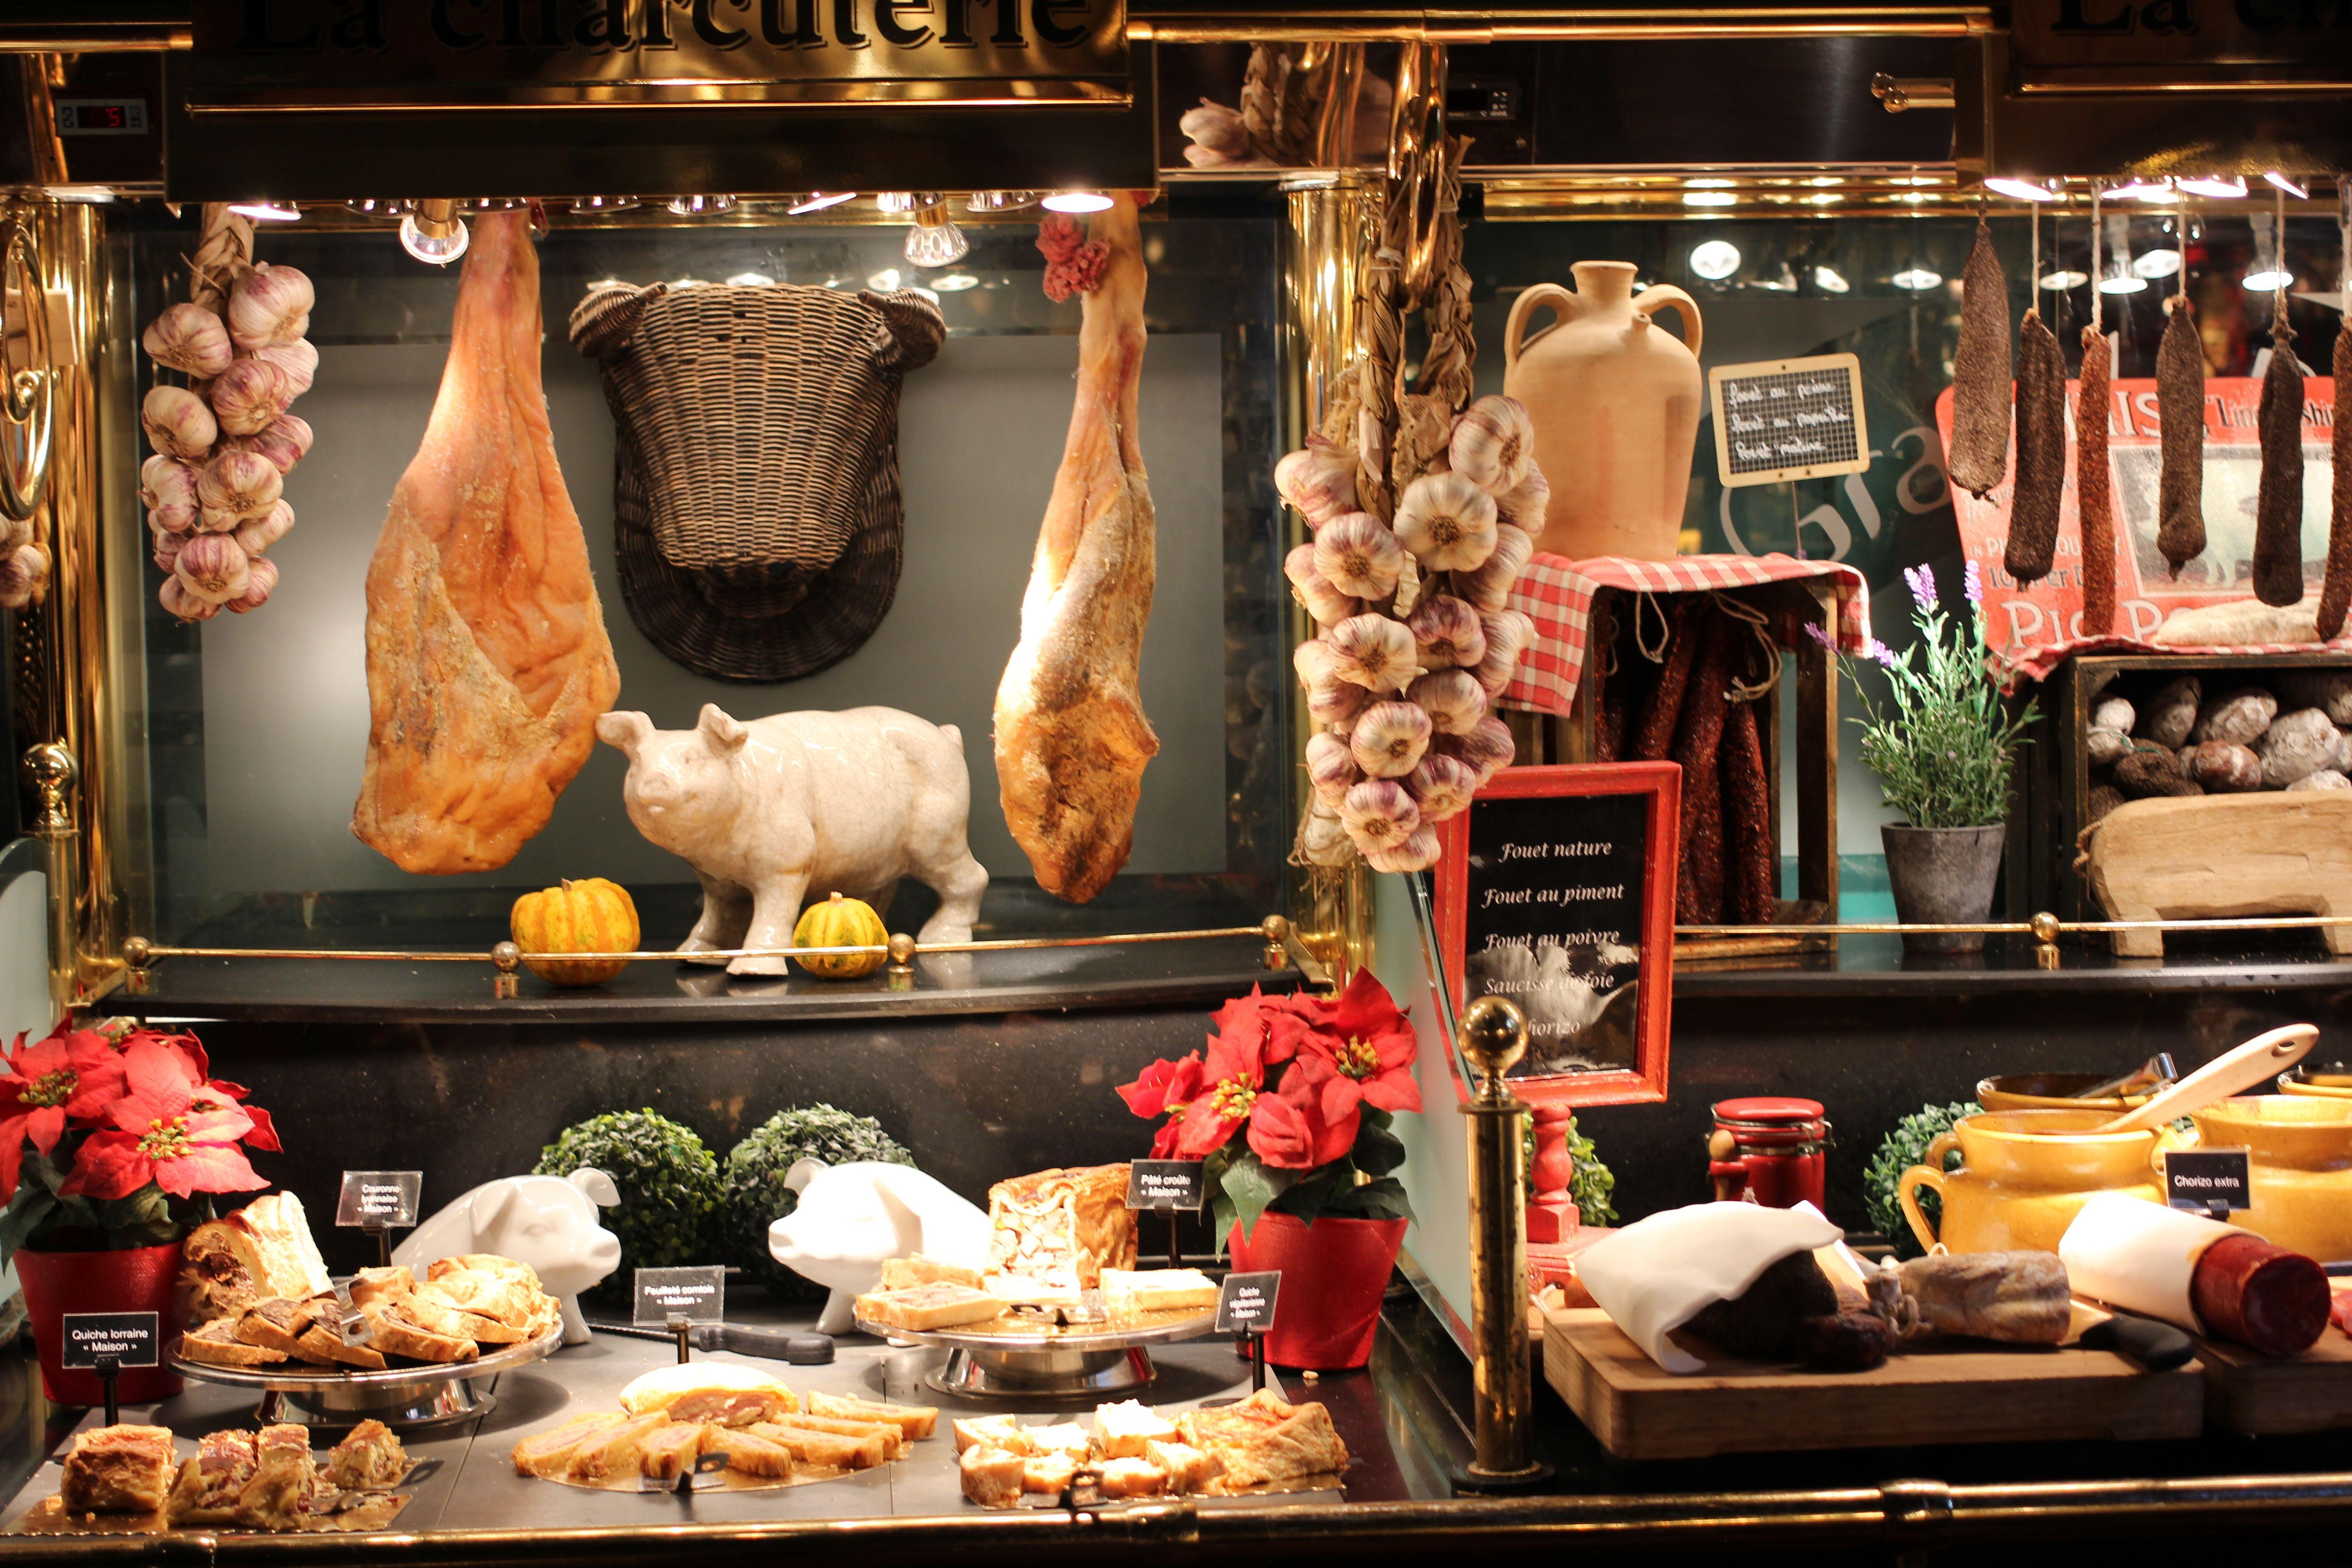 les grands buffets Francia